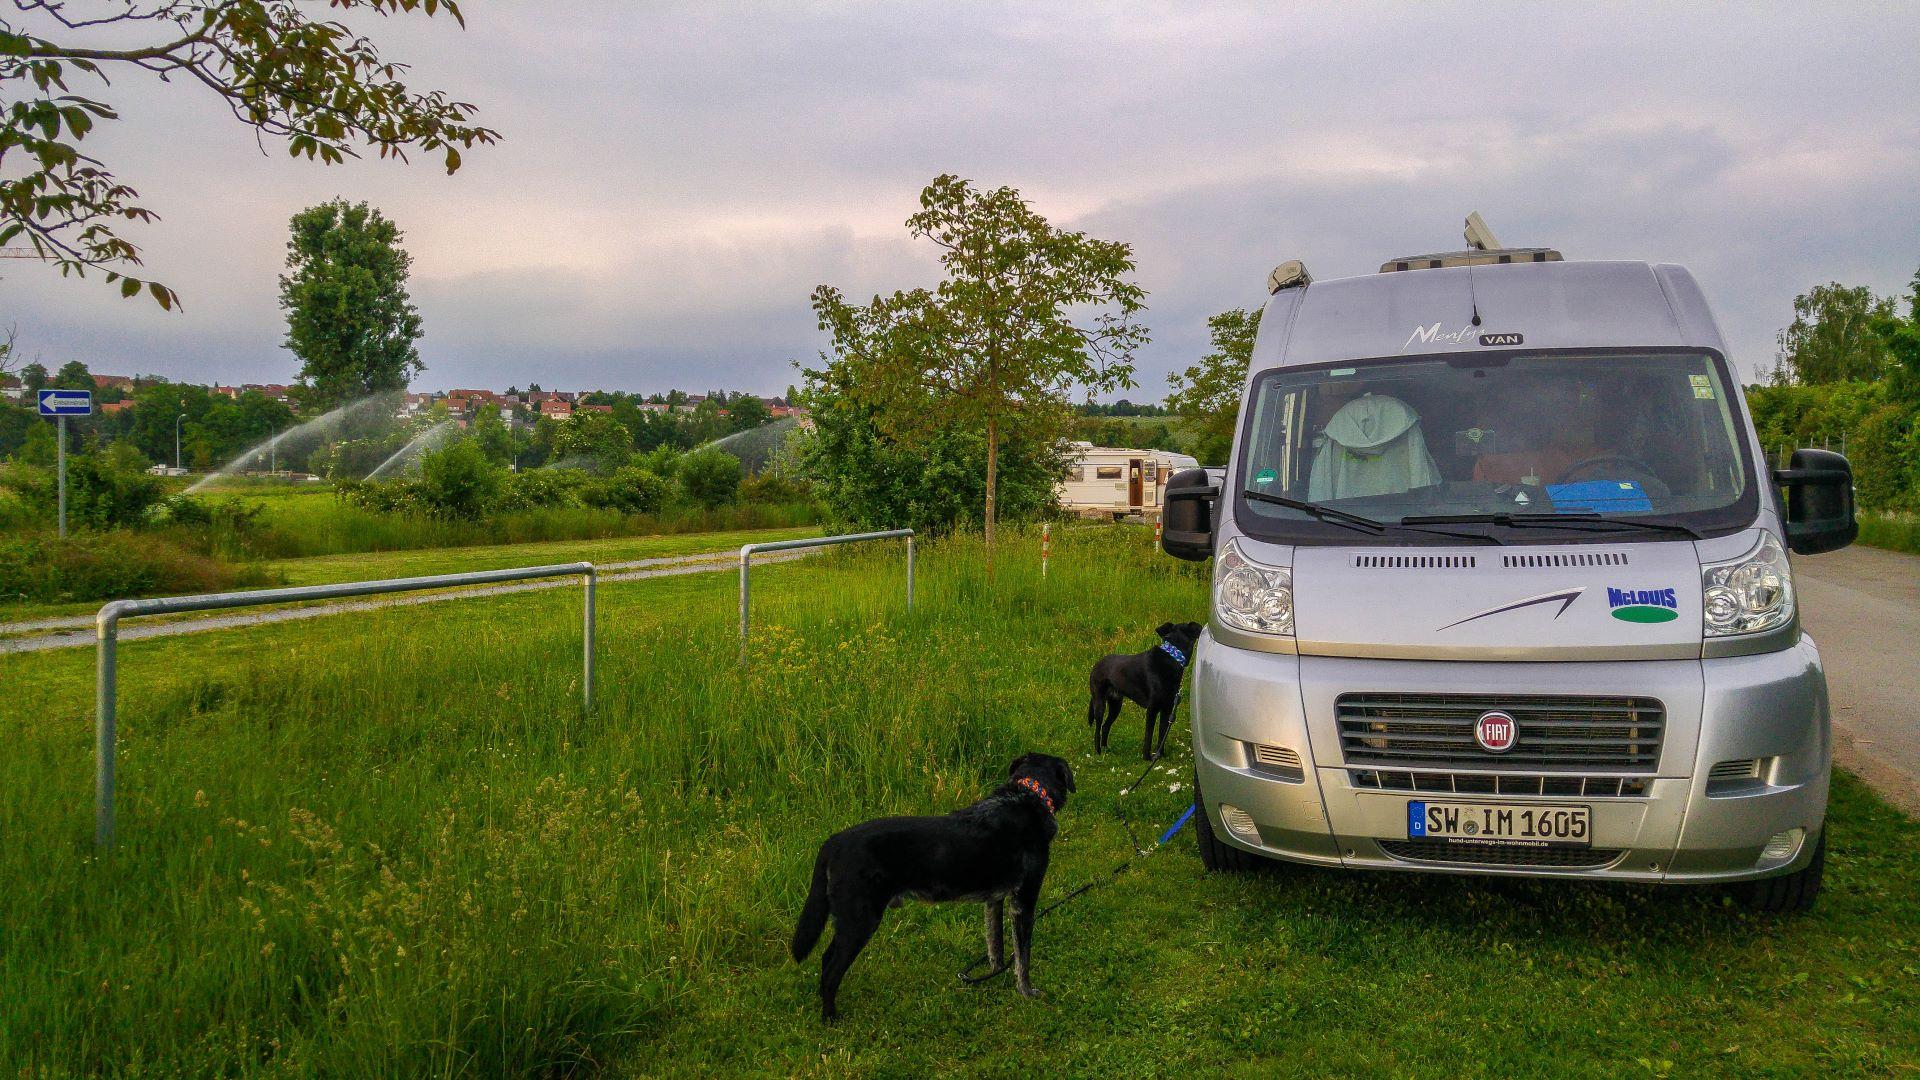 Wohnmobilstellplatz in Lauffen am Neckar